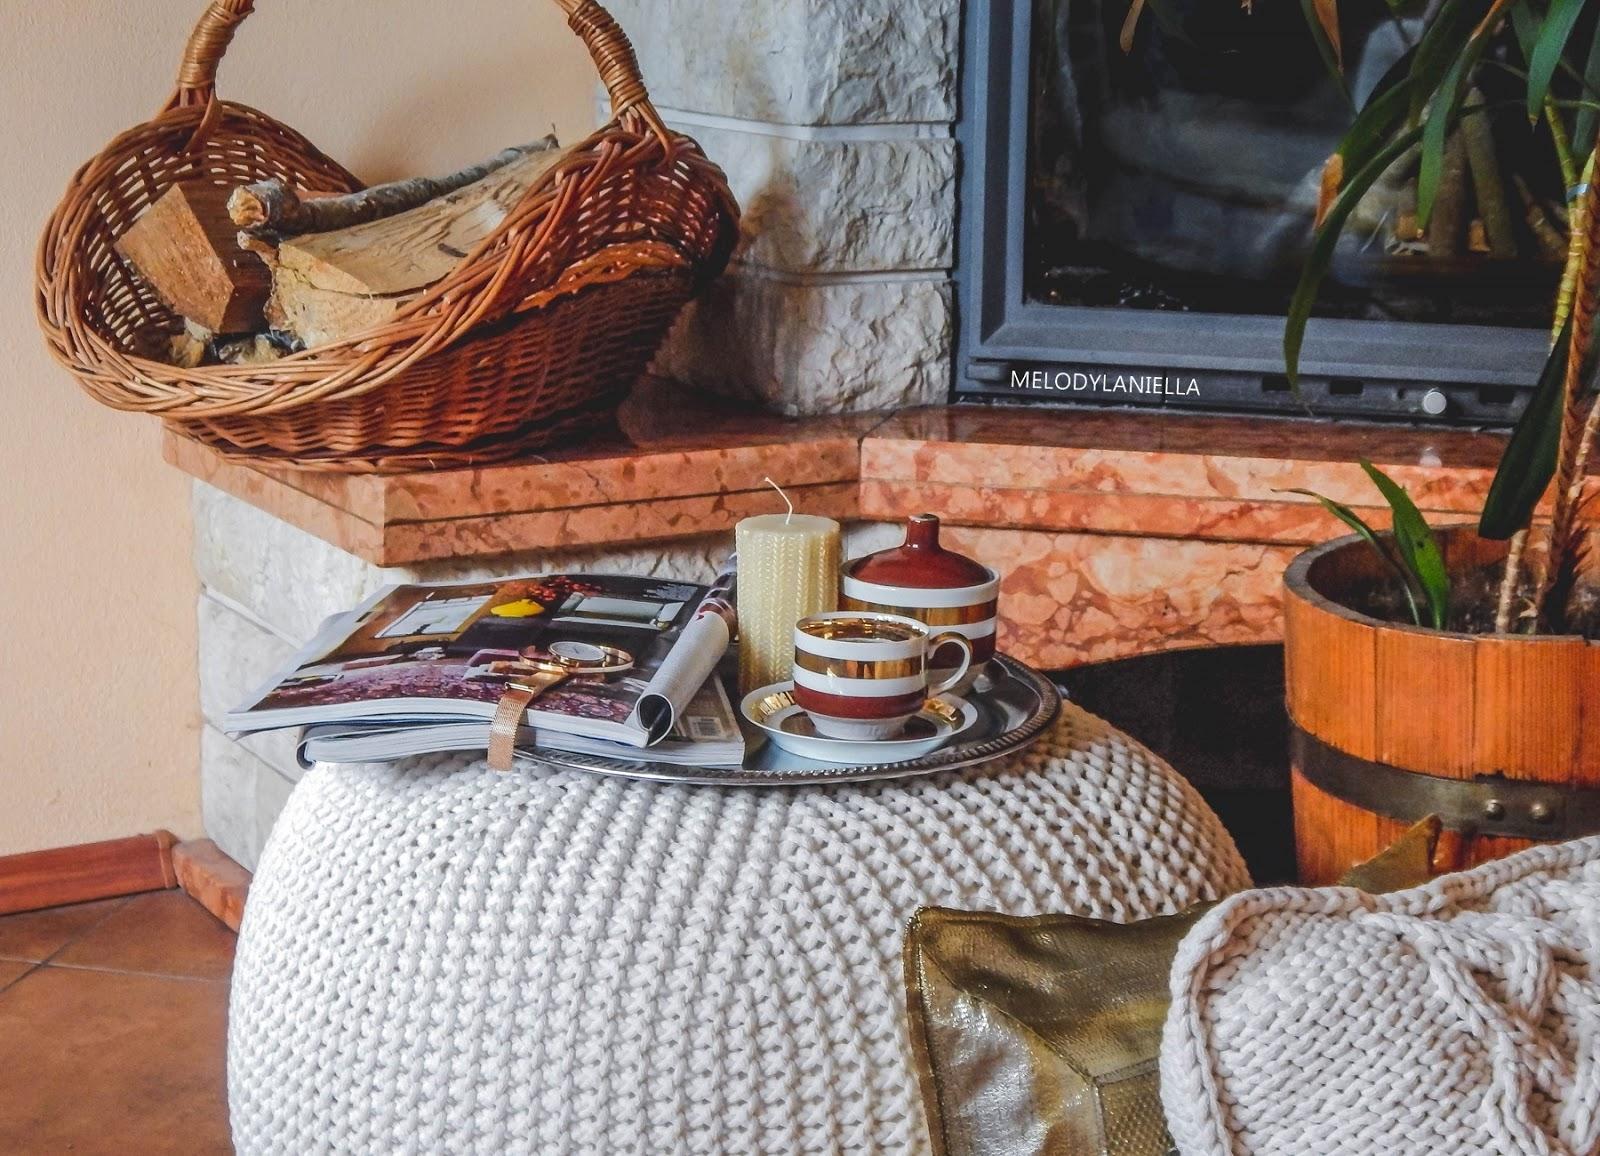 4 filo loop pomysł na biznes iwona trocka pufy poduszki warsztaty handmade robienia na drutach pledy koce shoper bag ze sznurka pomysł na prezent wystrój wnętrz design dodatki do mieszkań i domów handmade